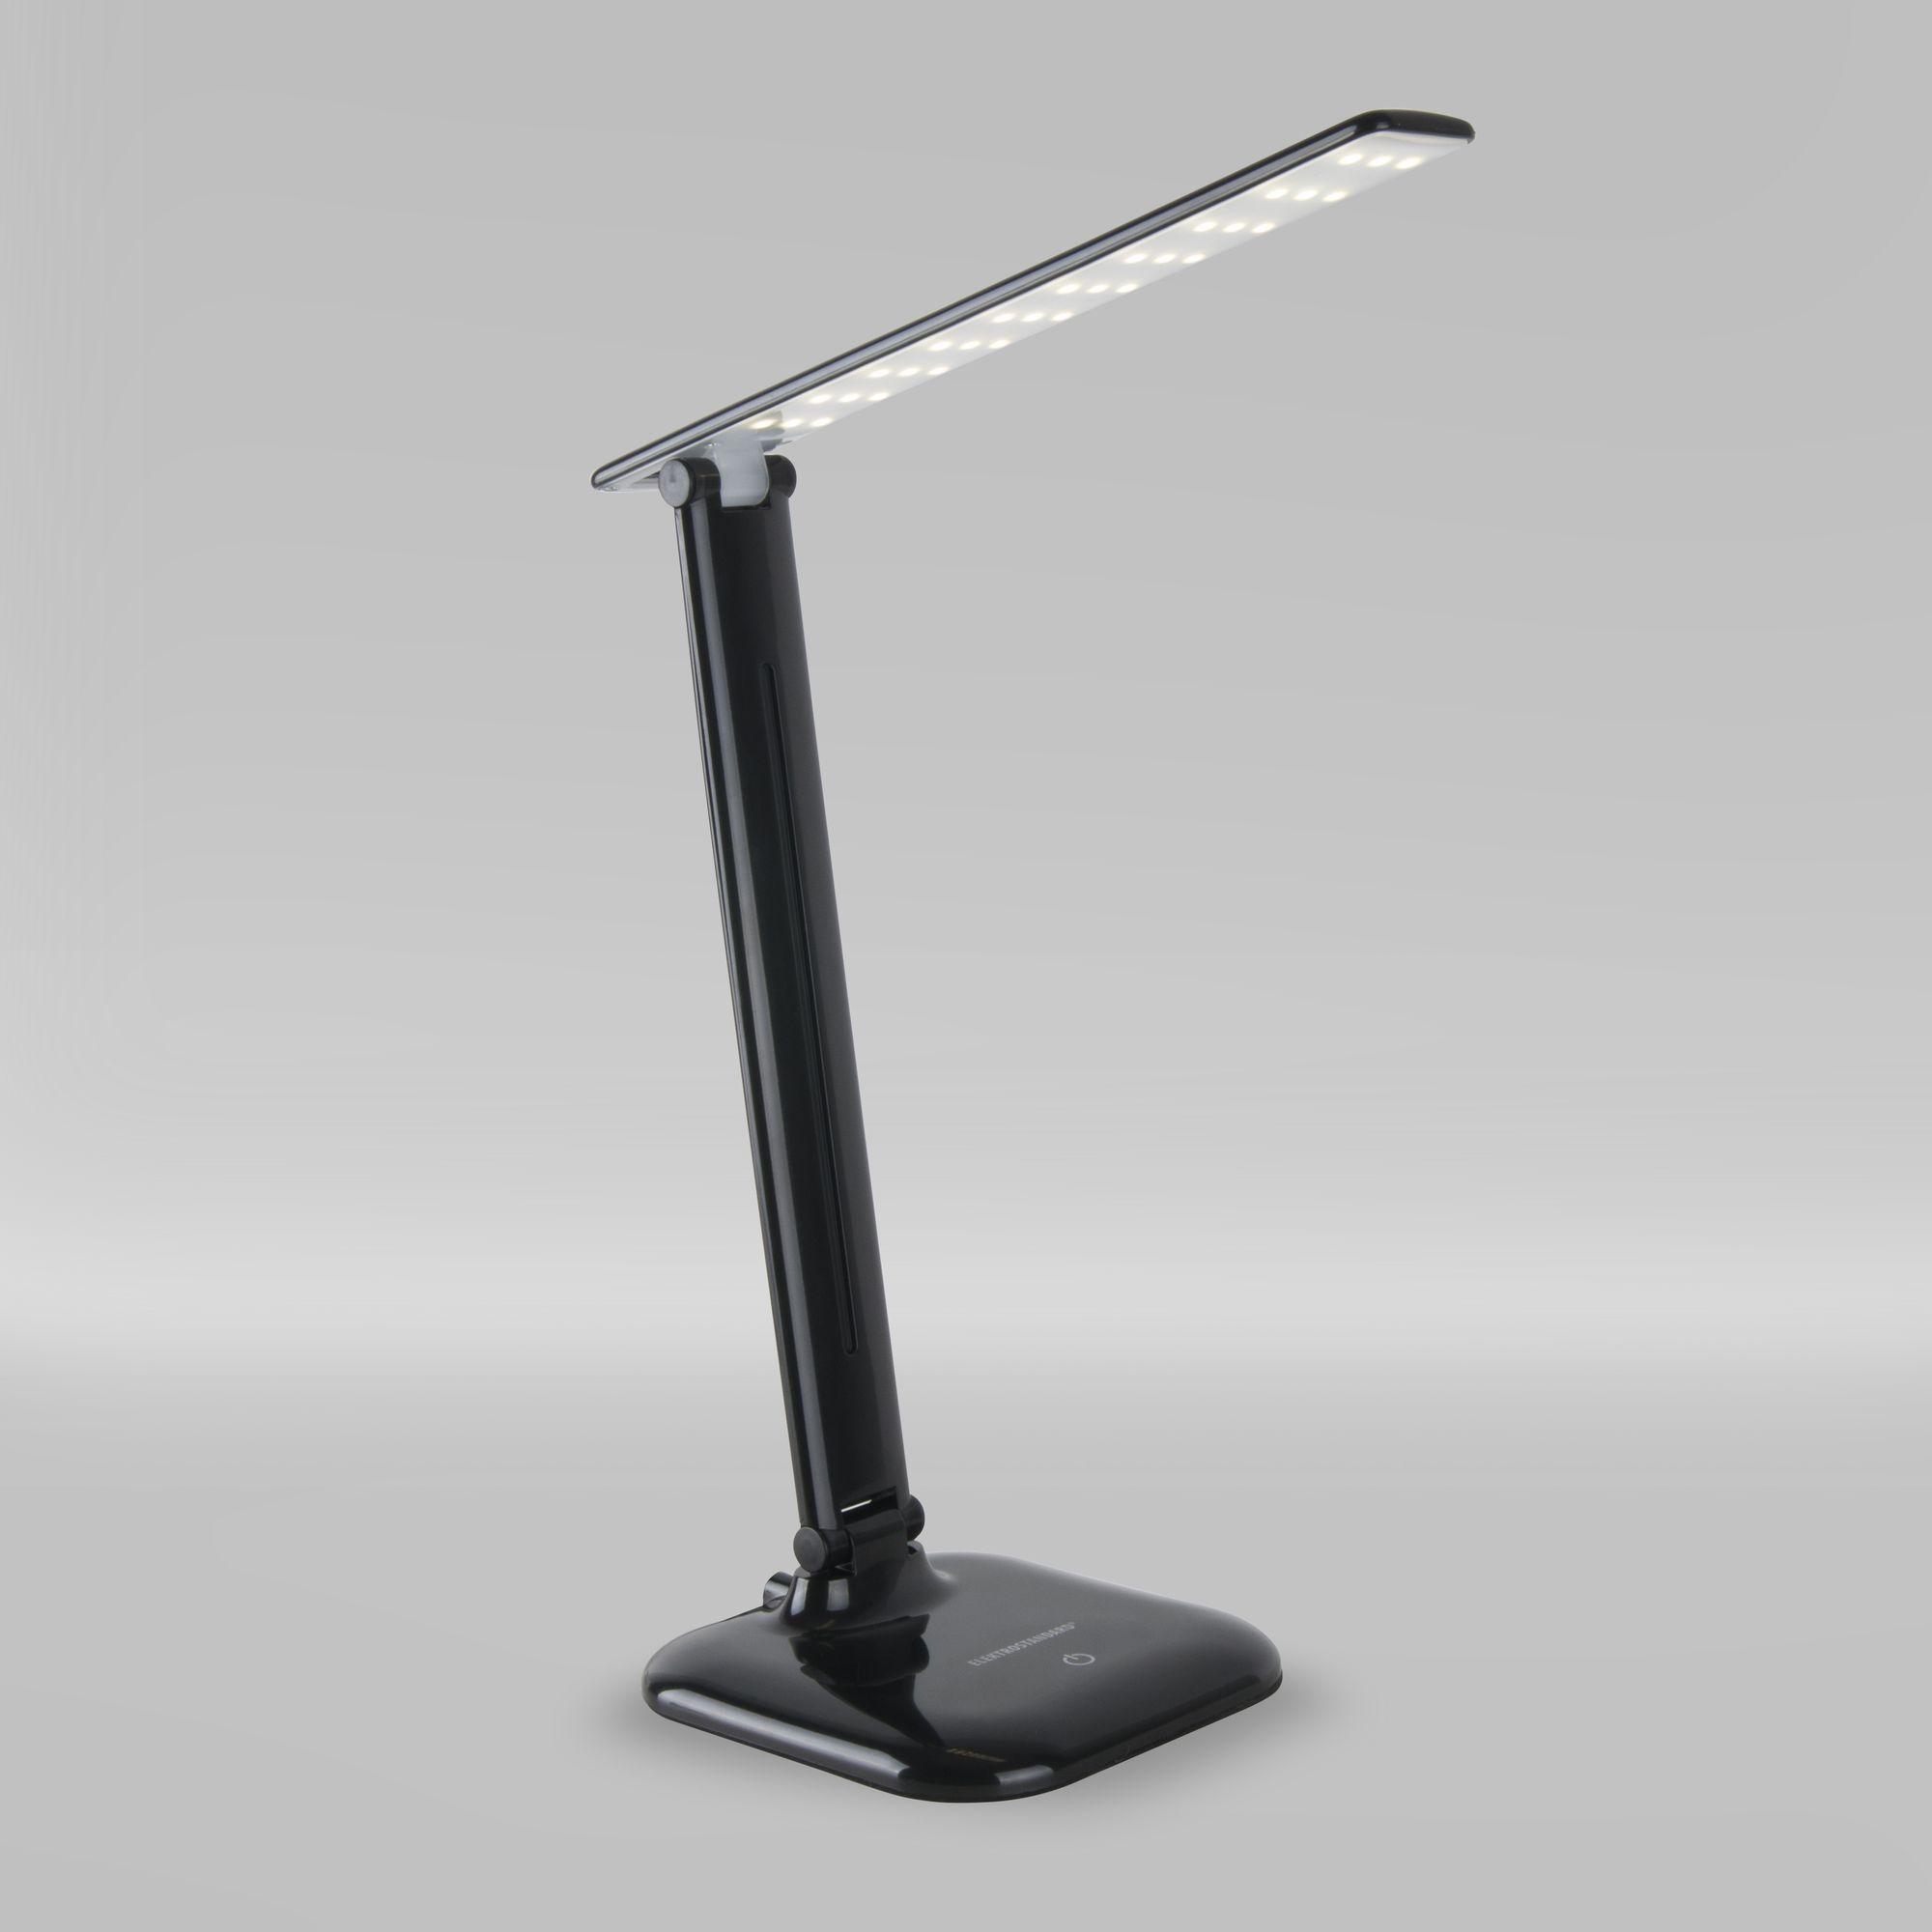 Настольный светодиодный светильник Alcor черный TL90200